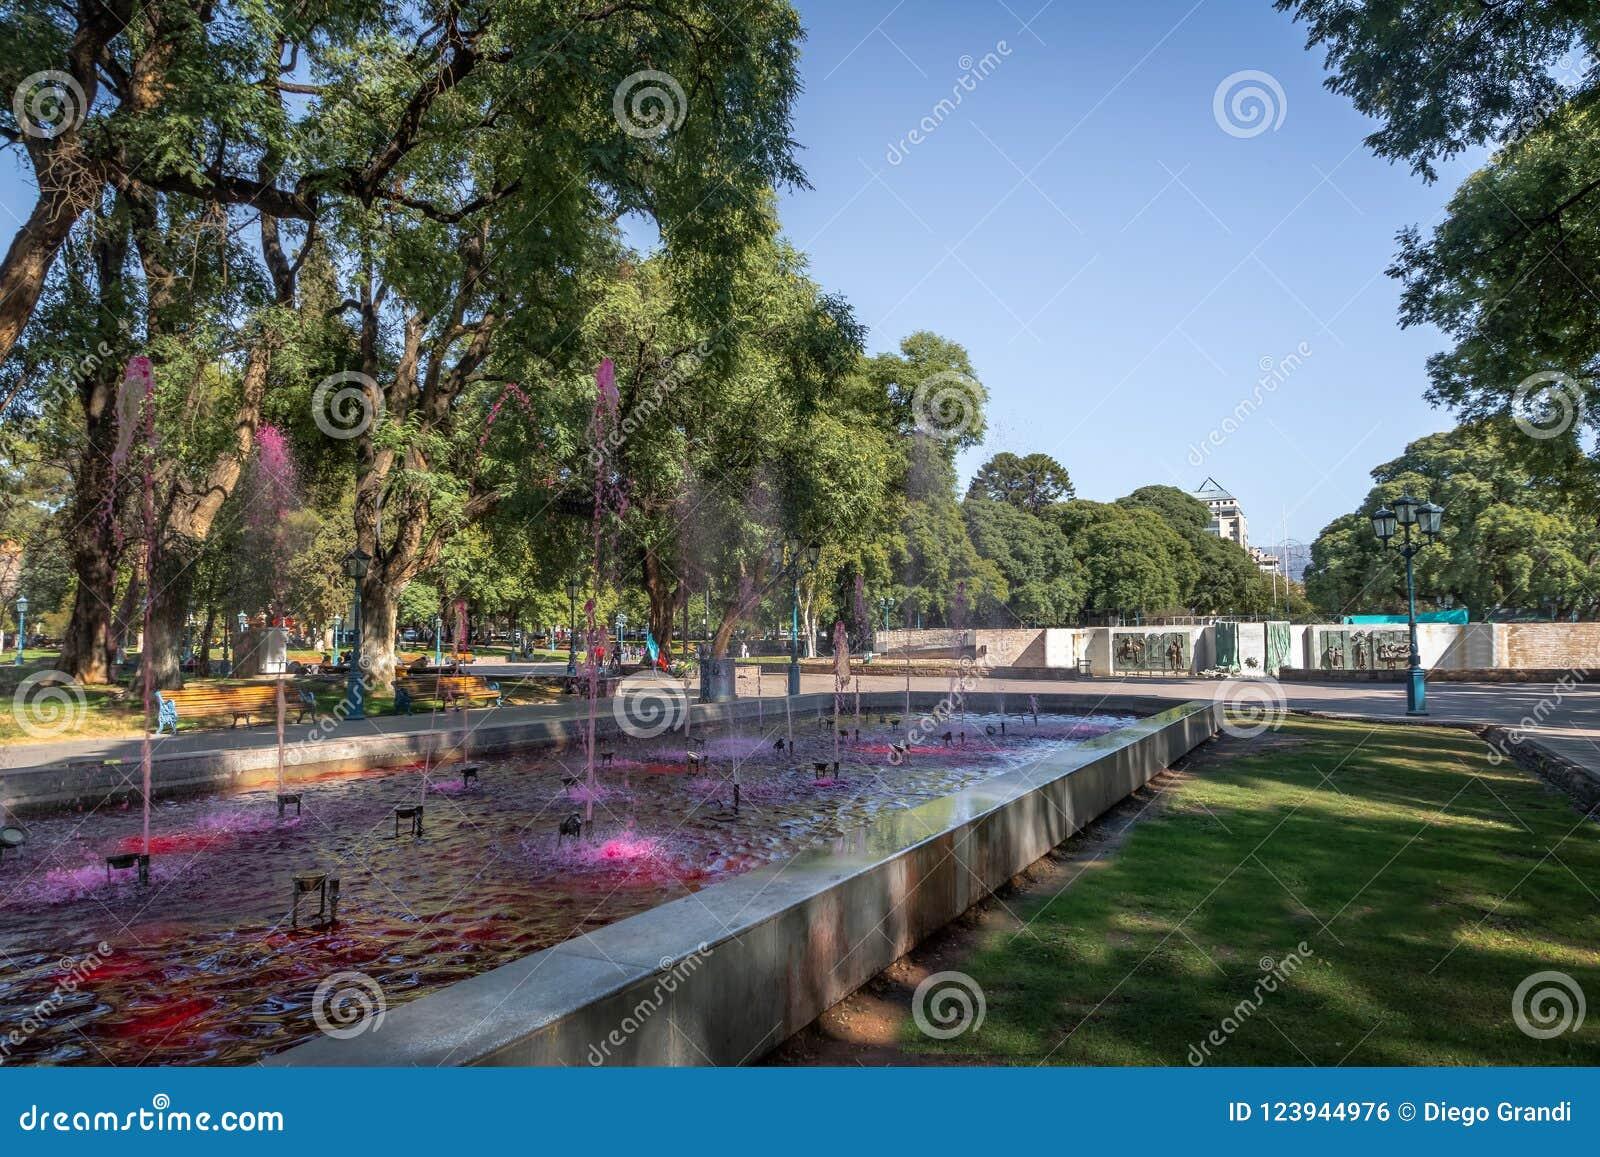 La fuente del cuadrado de la independencia de Independencia de la plaza con agua roja le gusta el vino - Mendoza, la Argentina -